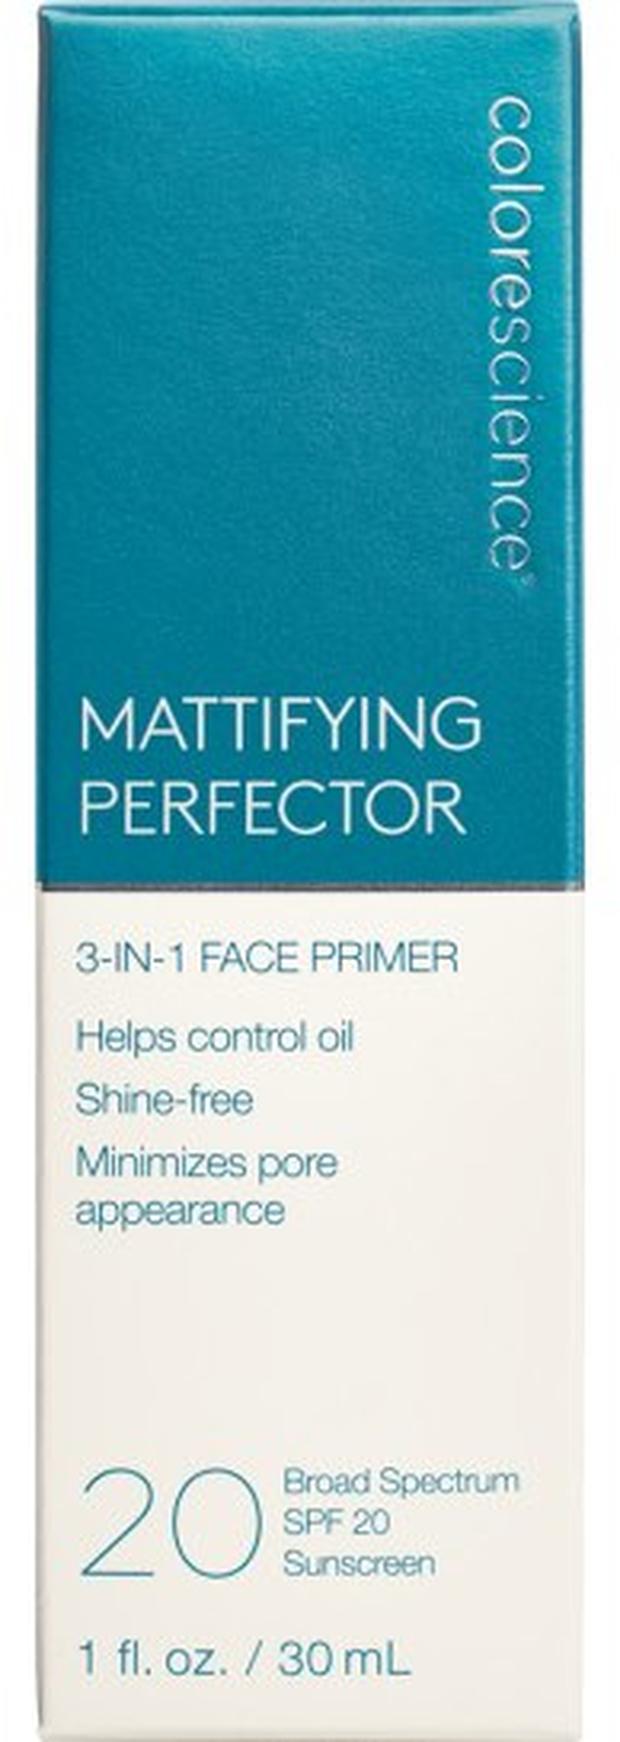 Các bác sĩ da liễu không thể sống thiếu 5 sản phẩm này và bạn rất nên đưa chúng vào quy trình dưỡng da của mình - Ảnh 5.